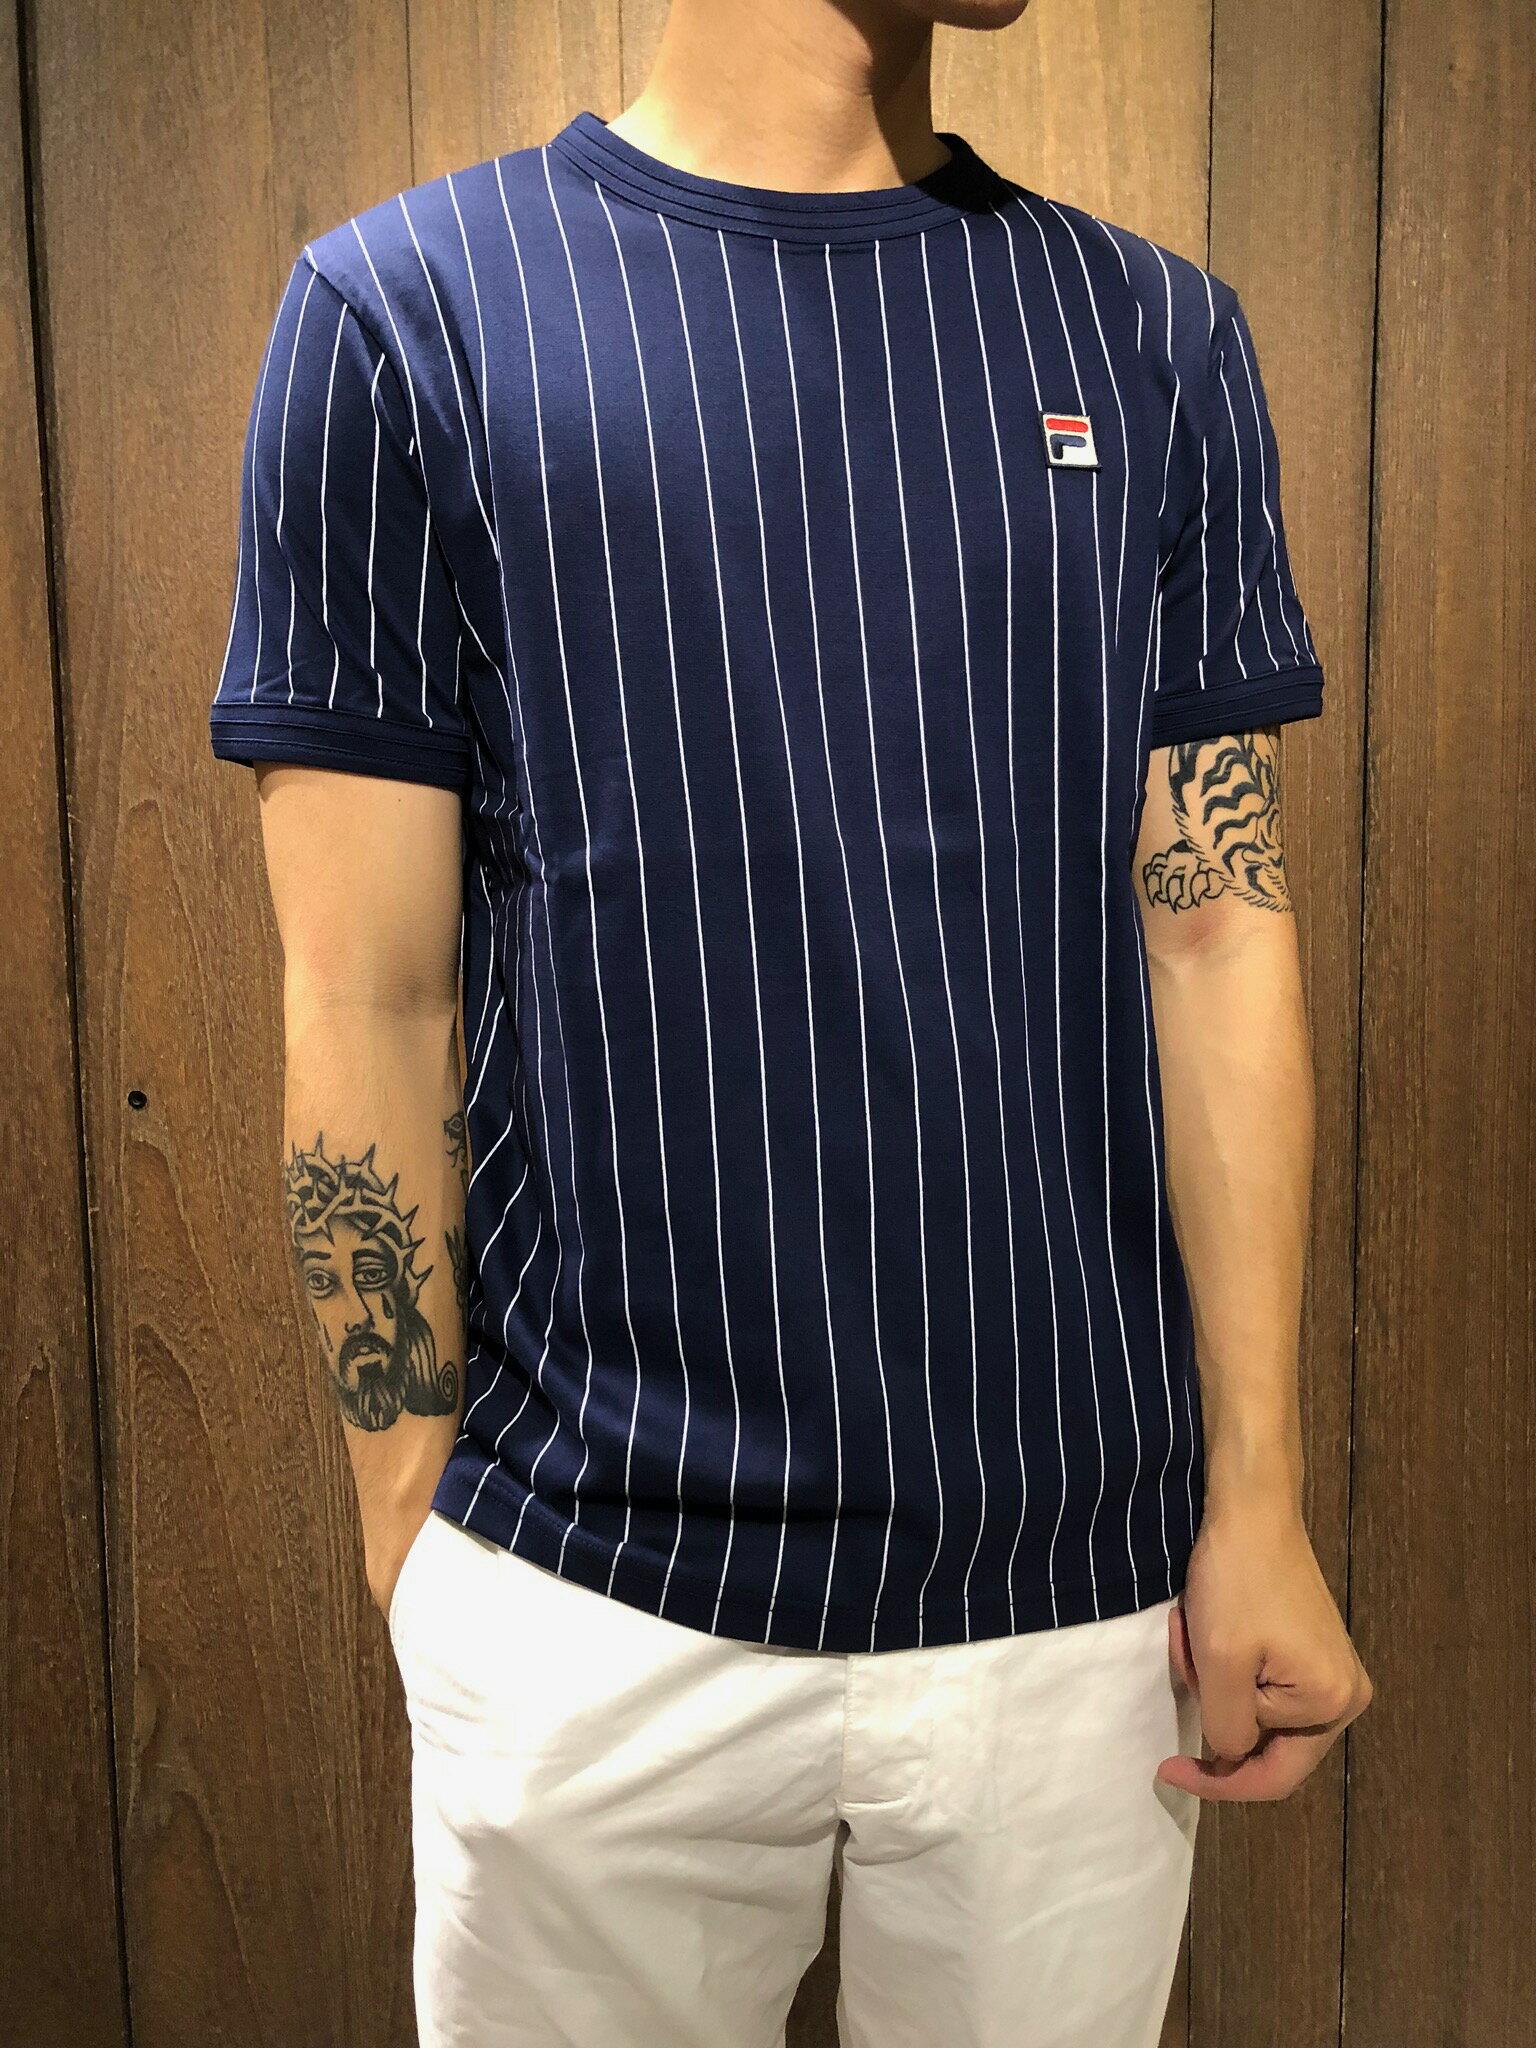 美國百分百【全新真品】 FILA 短袖 直條紋 T恤 T-shirt 運動潮流 男 大logo 深藍/白色 AI55